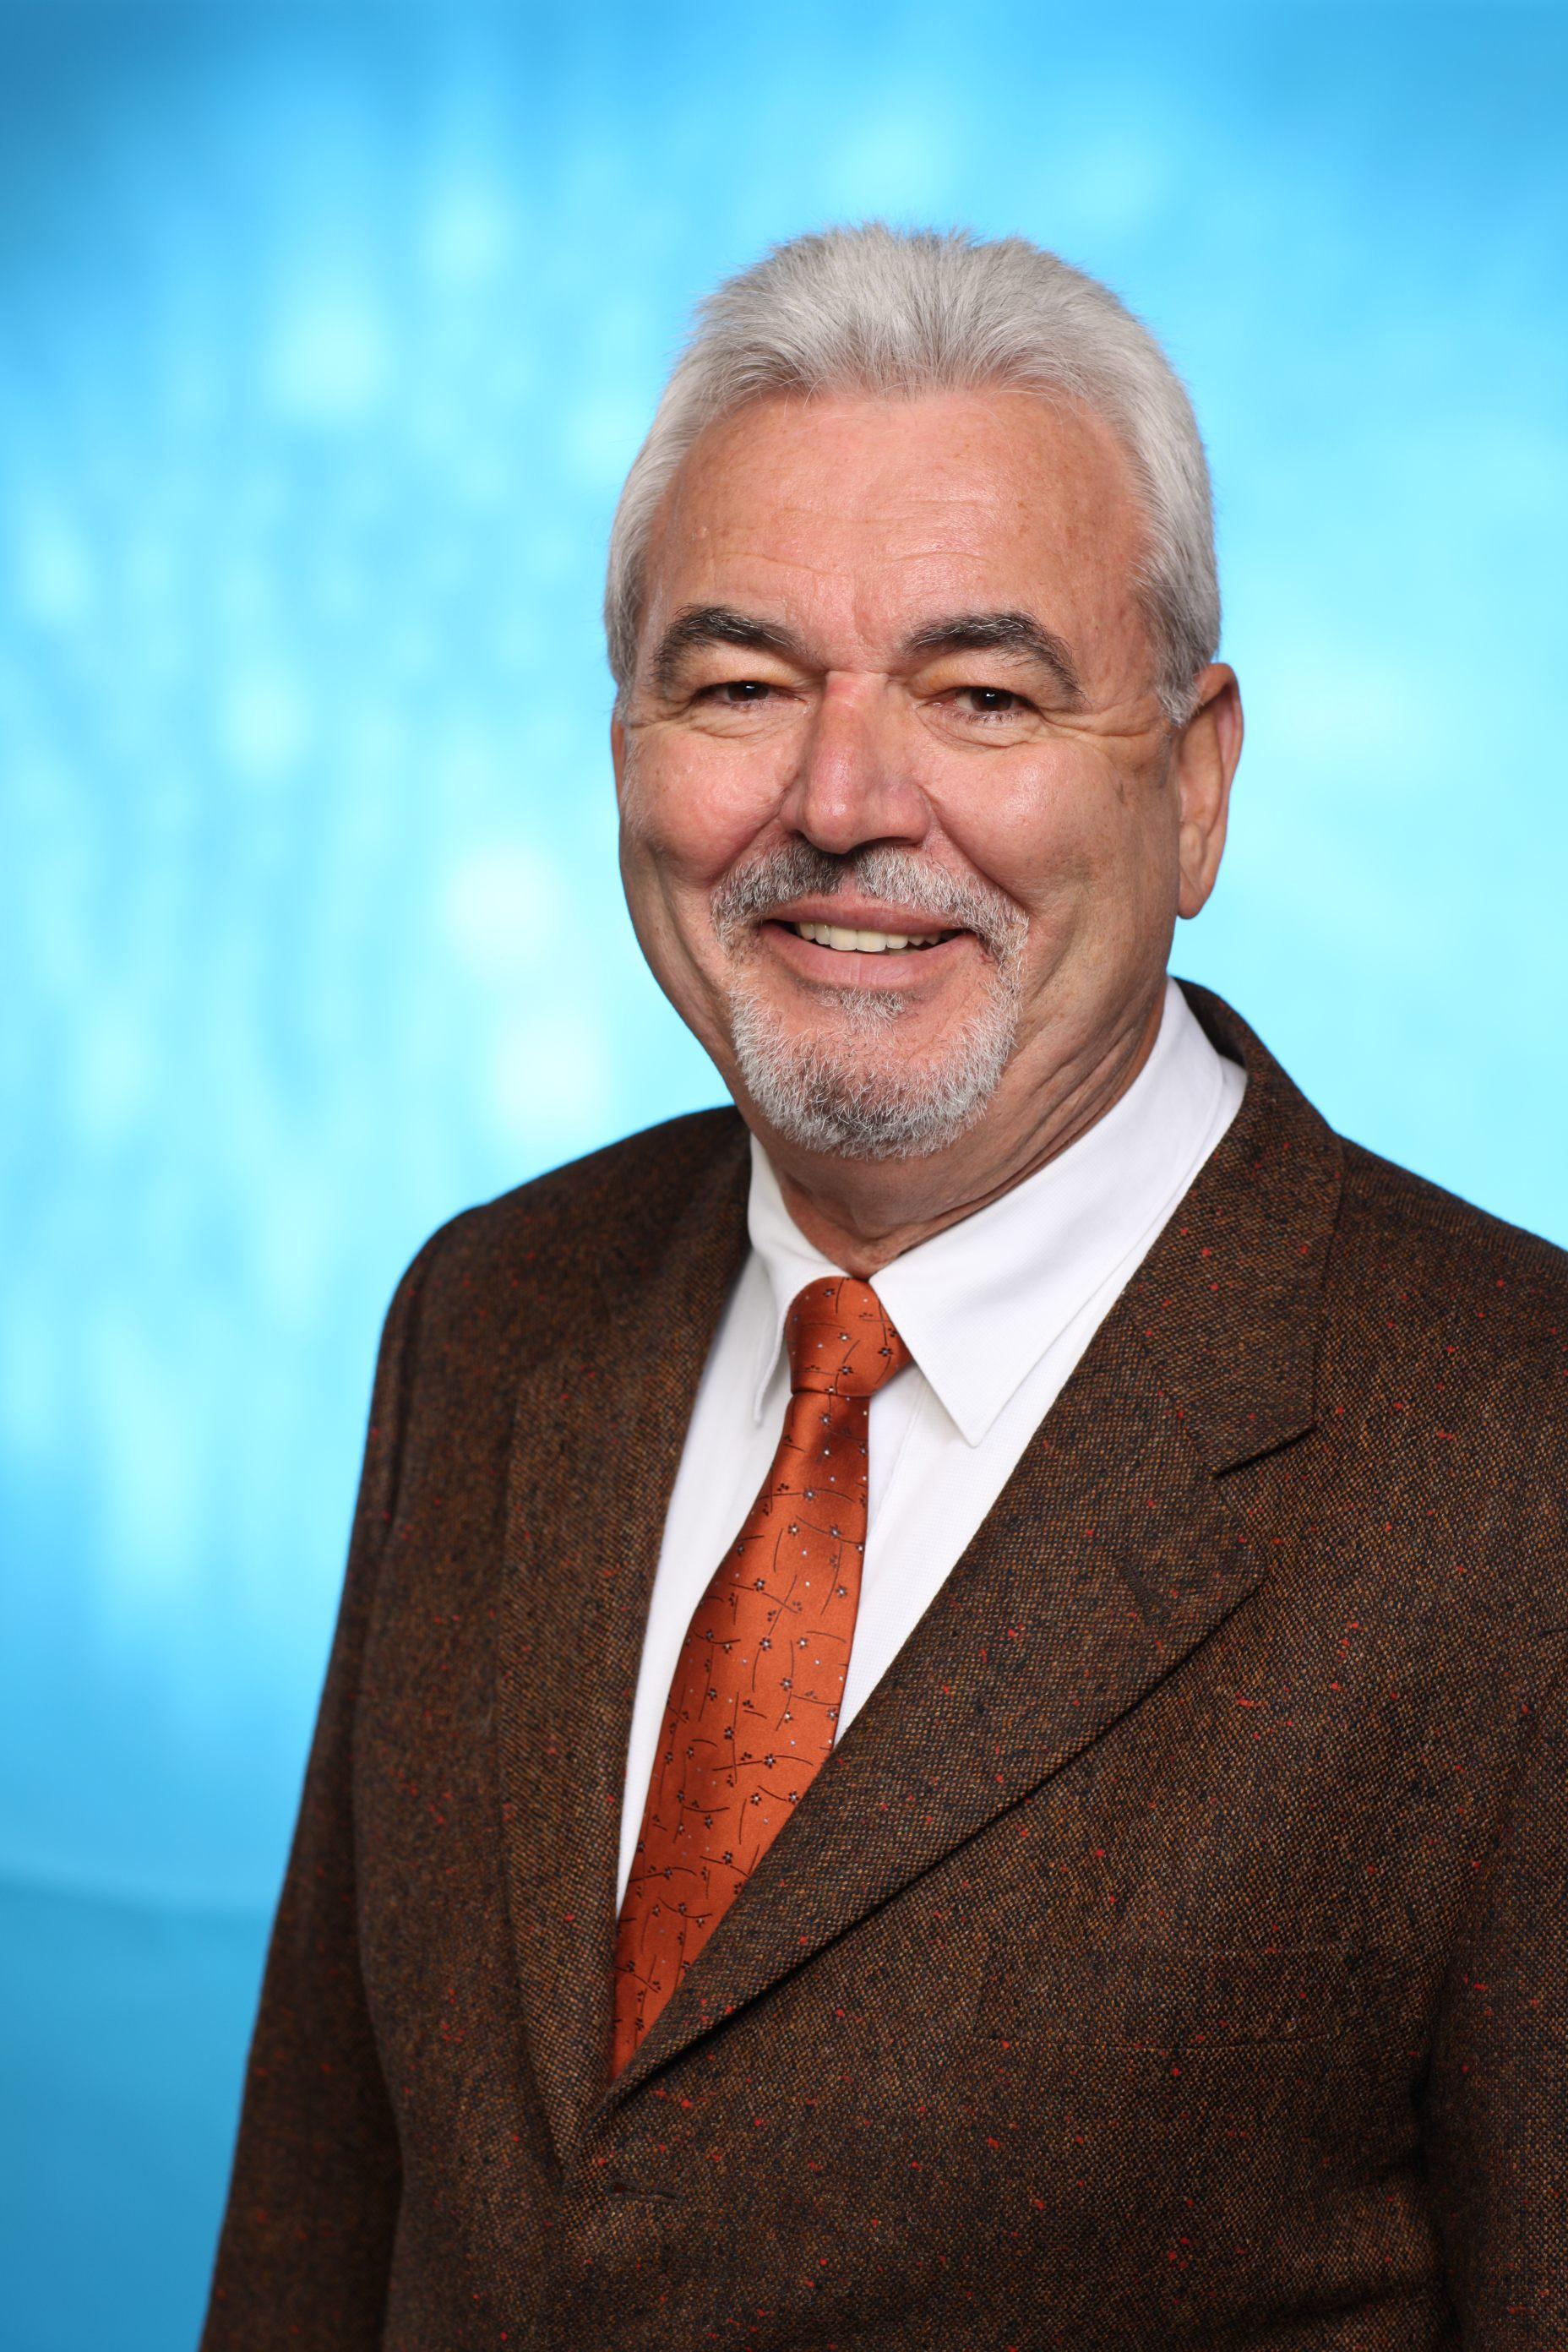 Heinz Findeis